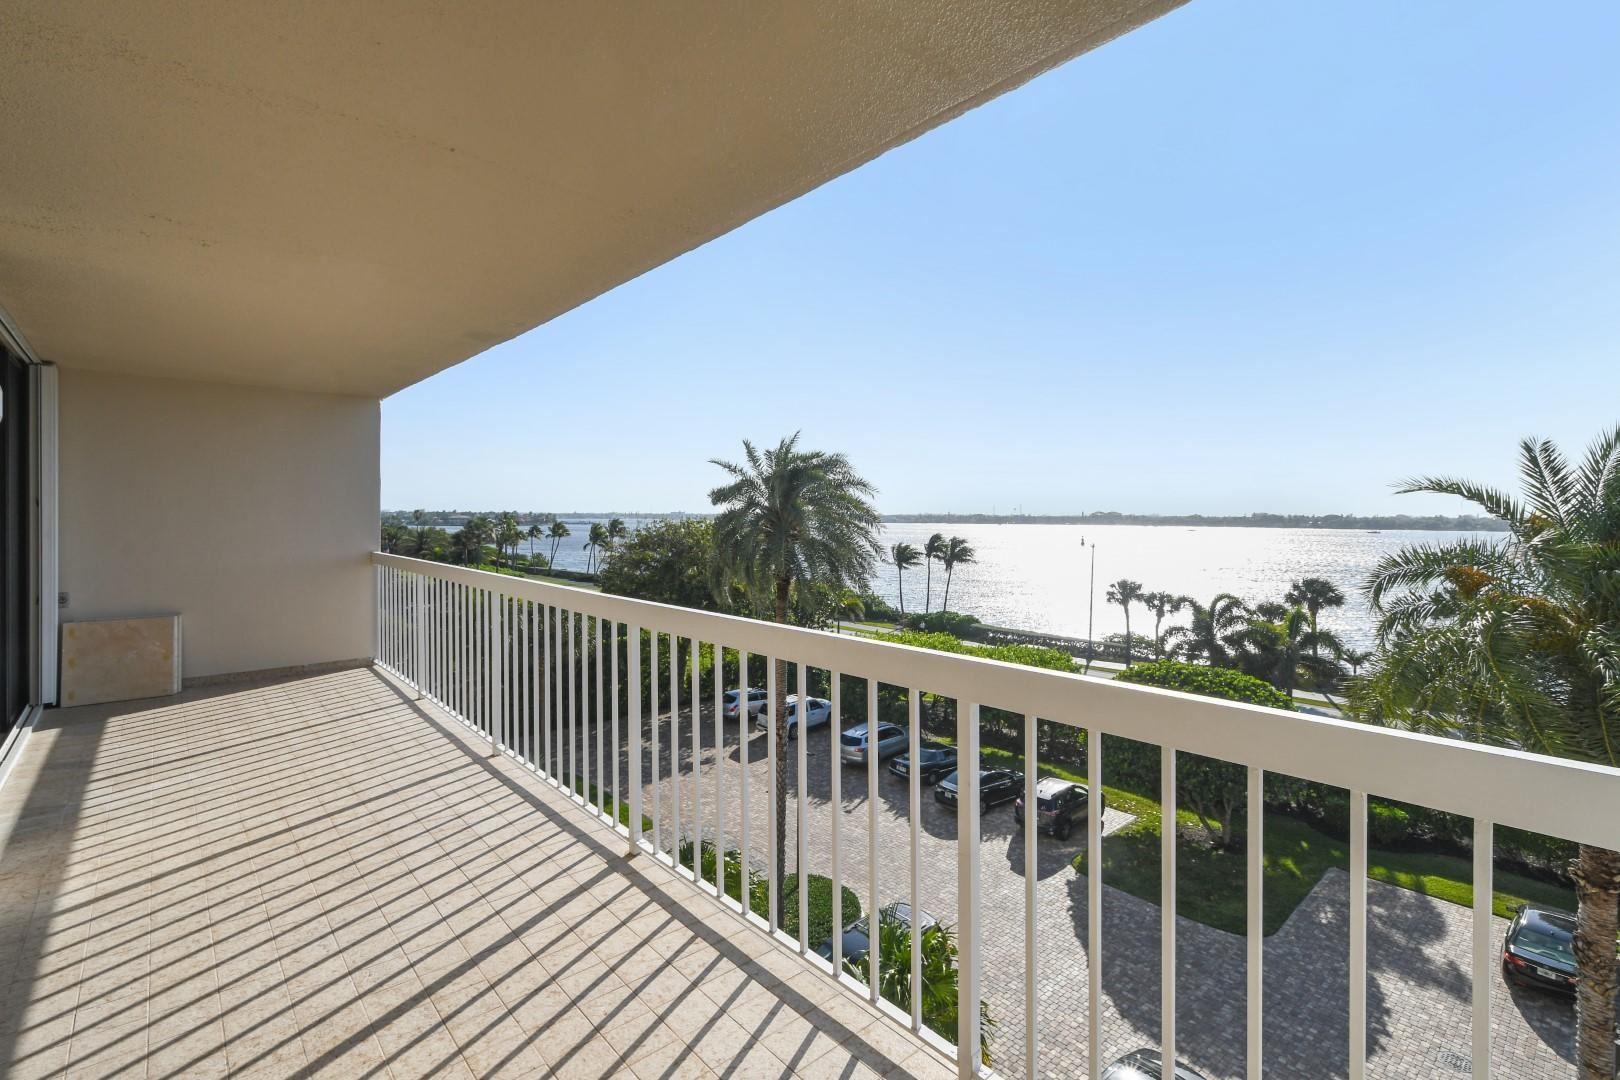 3250 S Ocean Boulevard #407 S, Palm Beach, FL 33480 - #: RX-10607084